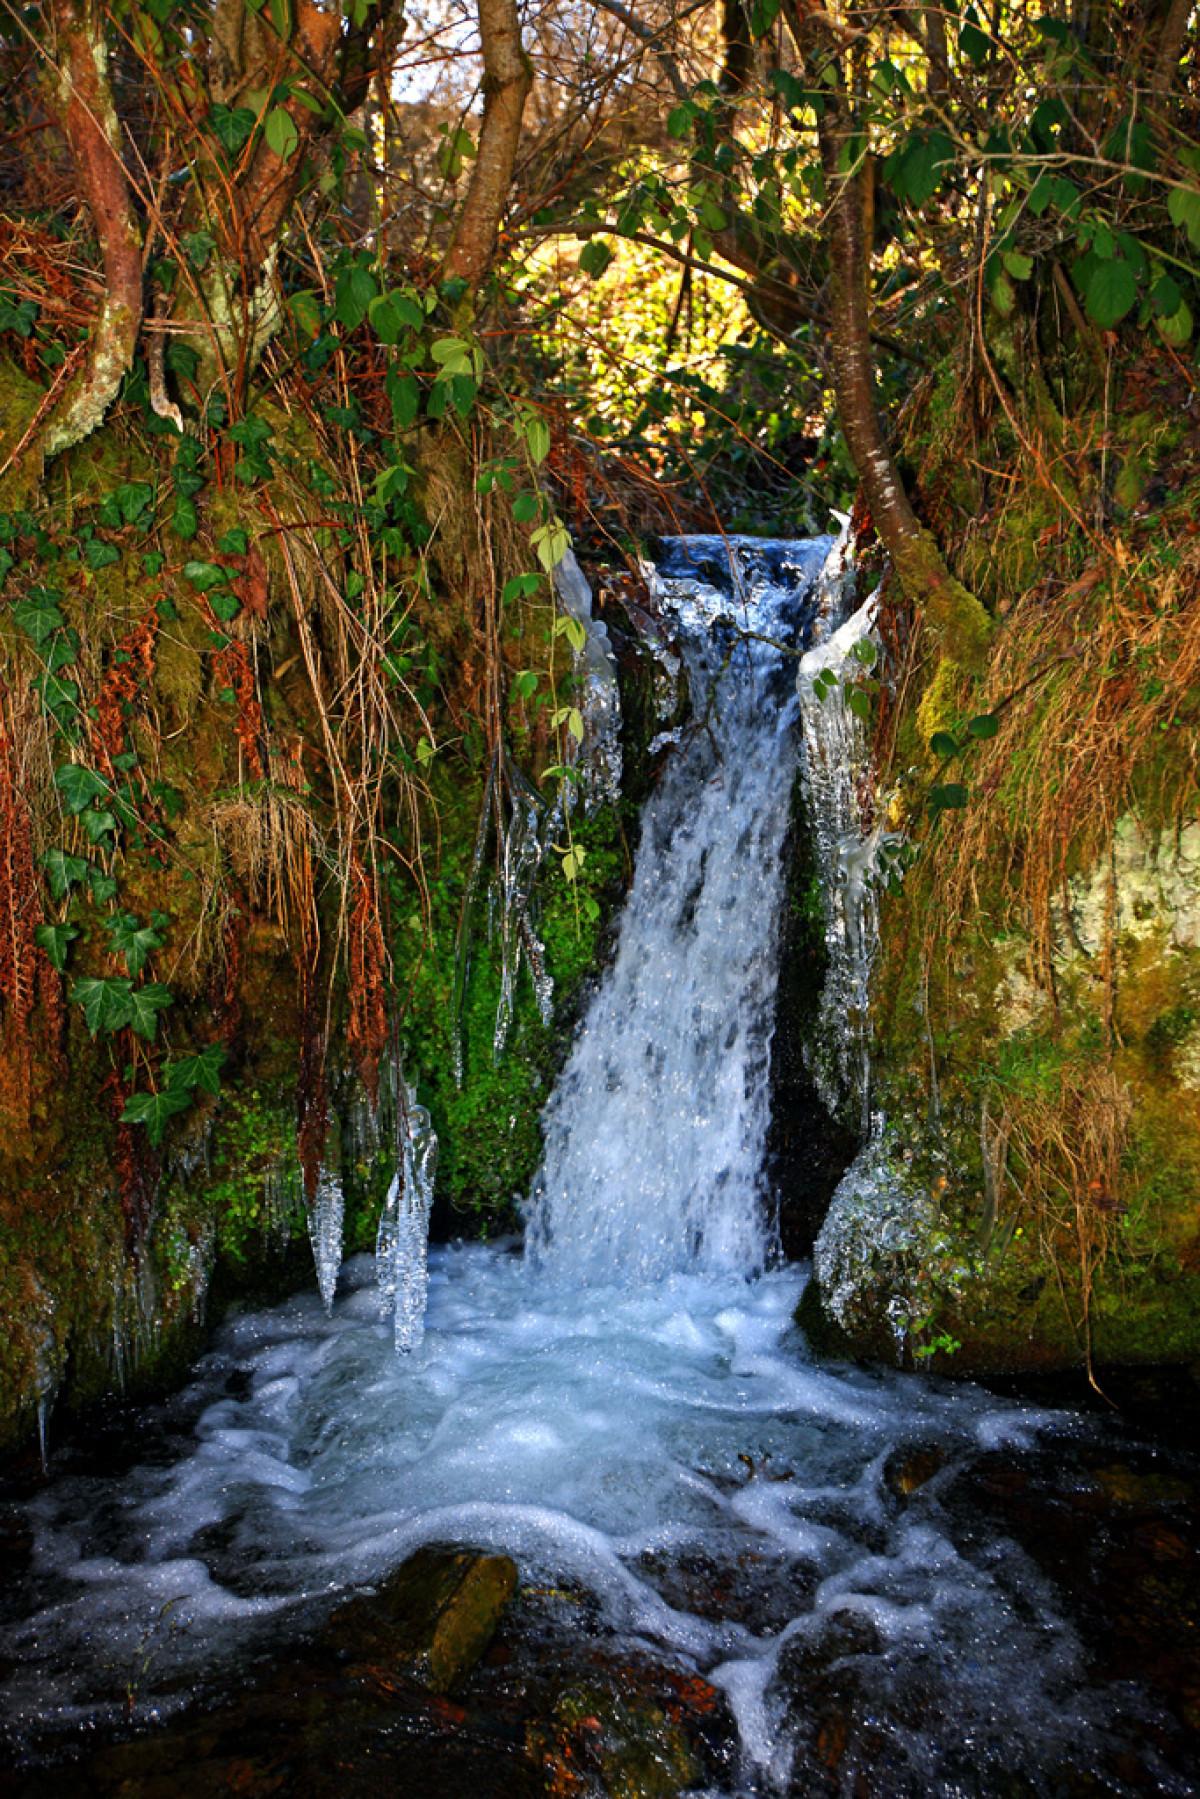 Semana Santa22. Cascada cerca de Carracedo